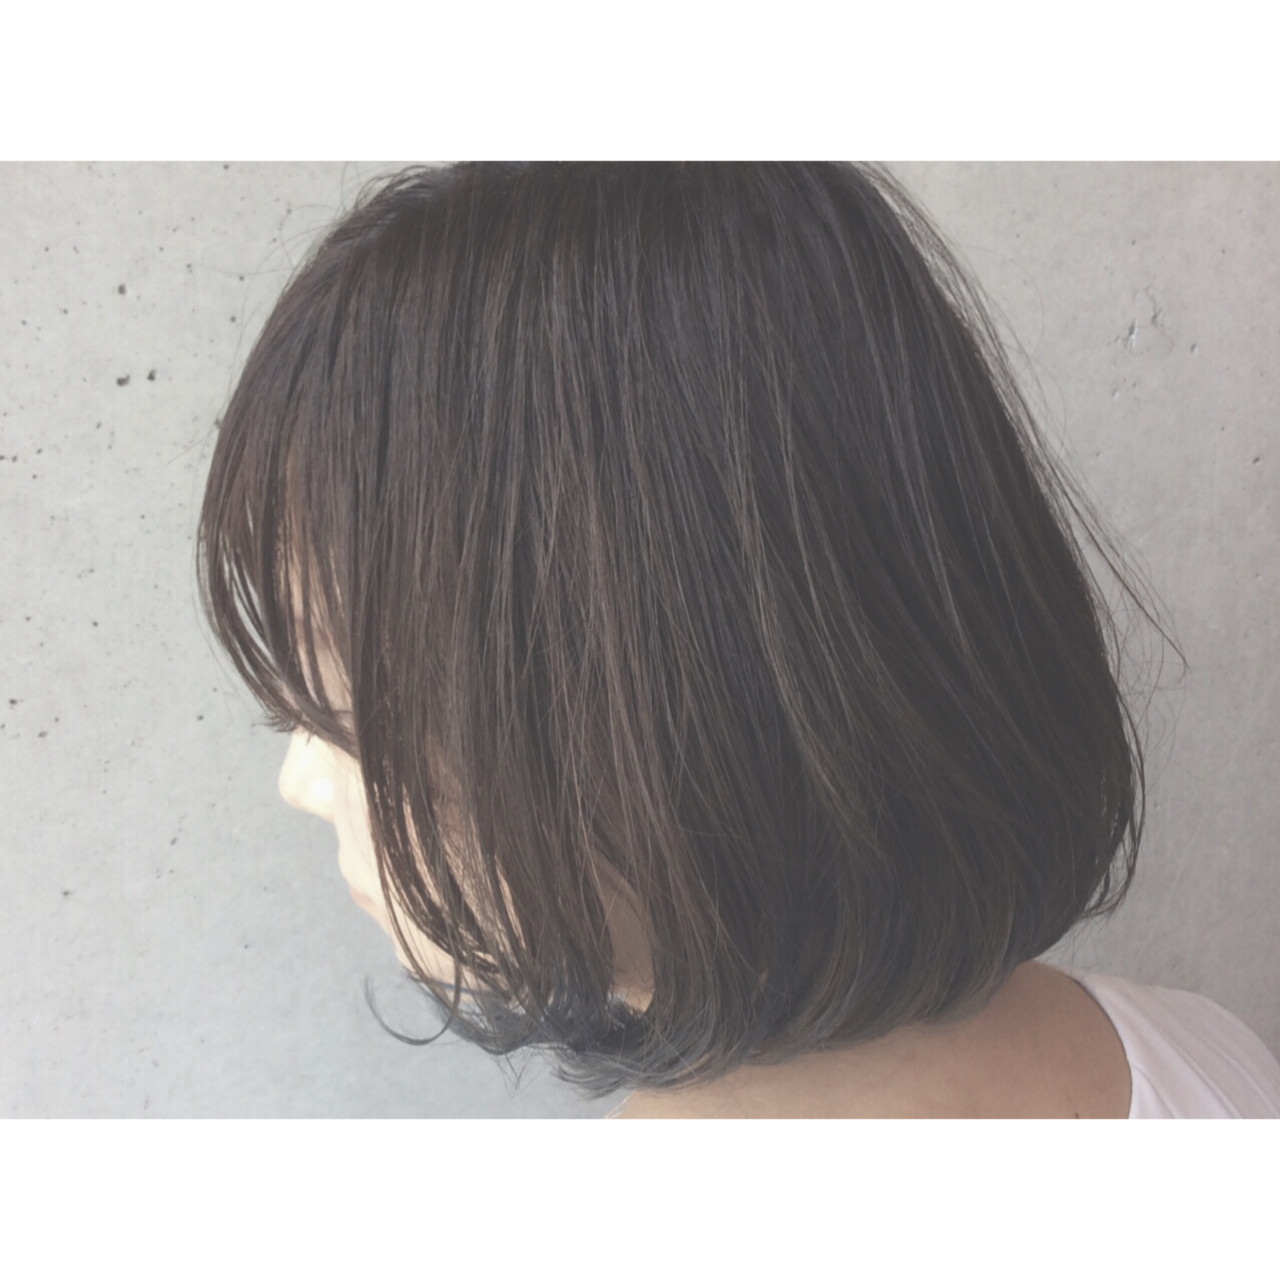 ボブ グラデーションカラー 暗髪 フェミニン ヘアスタイルや髪型の写真・画像 | アビル 裕貴 / ノーネームヘアー